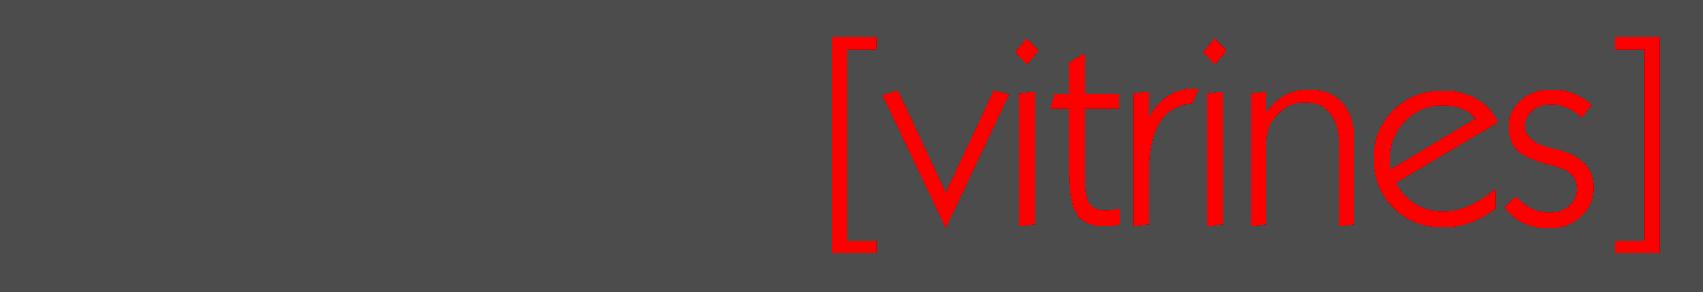 https://dekantoorjongens.com/wp-content/uploads/2020/06/Logo-Helioz.png